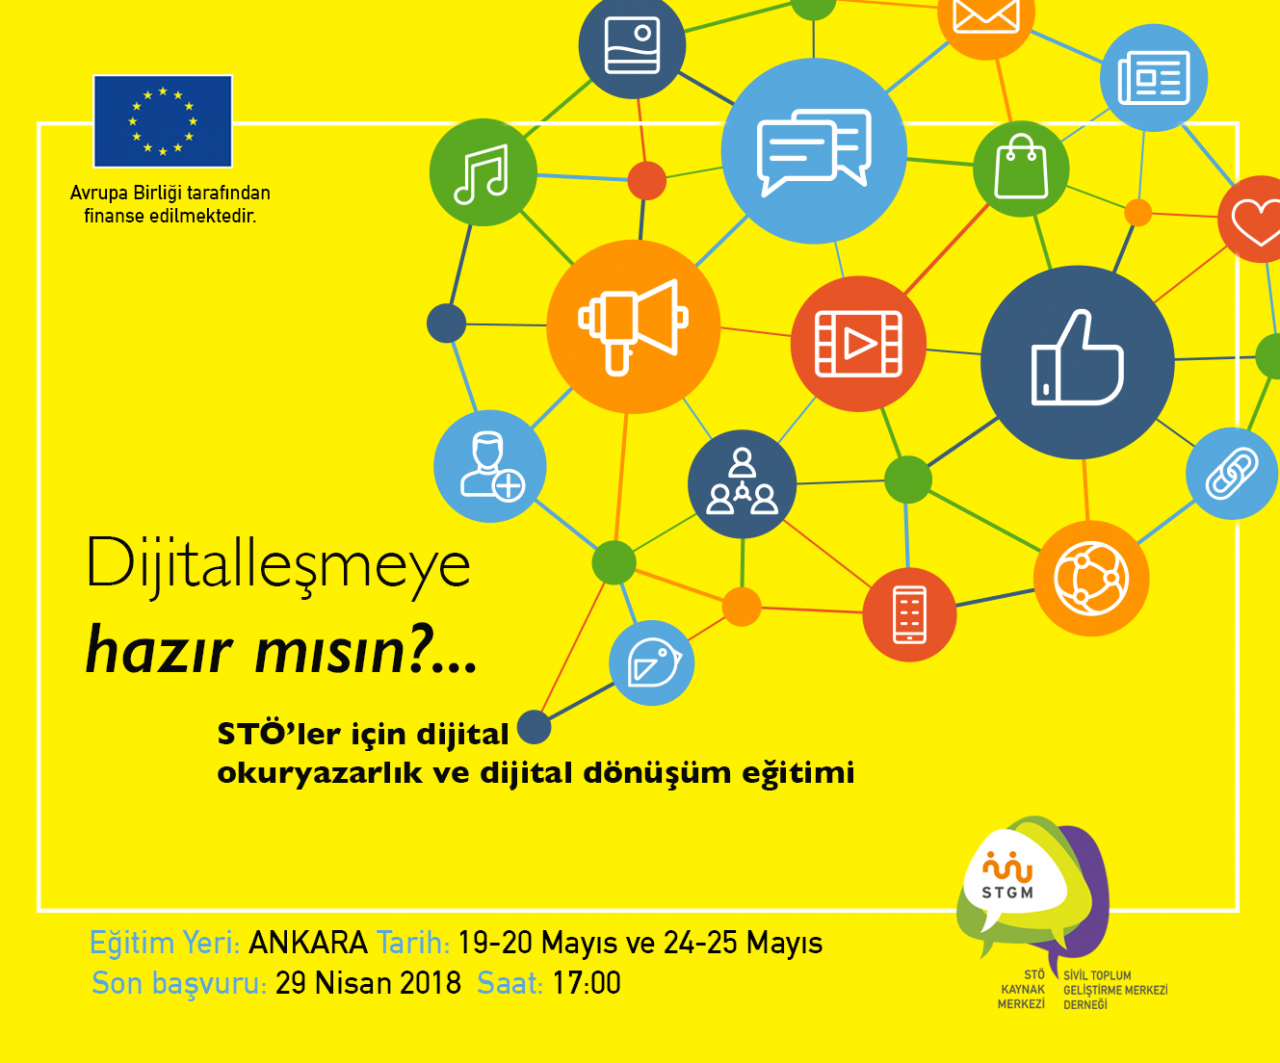 """""""STÖ'ler İçin Dijital Okuryazarlık ve Dijital Dönüşüm"""" Eğitimine Başvurular Başladı"""